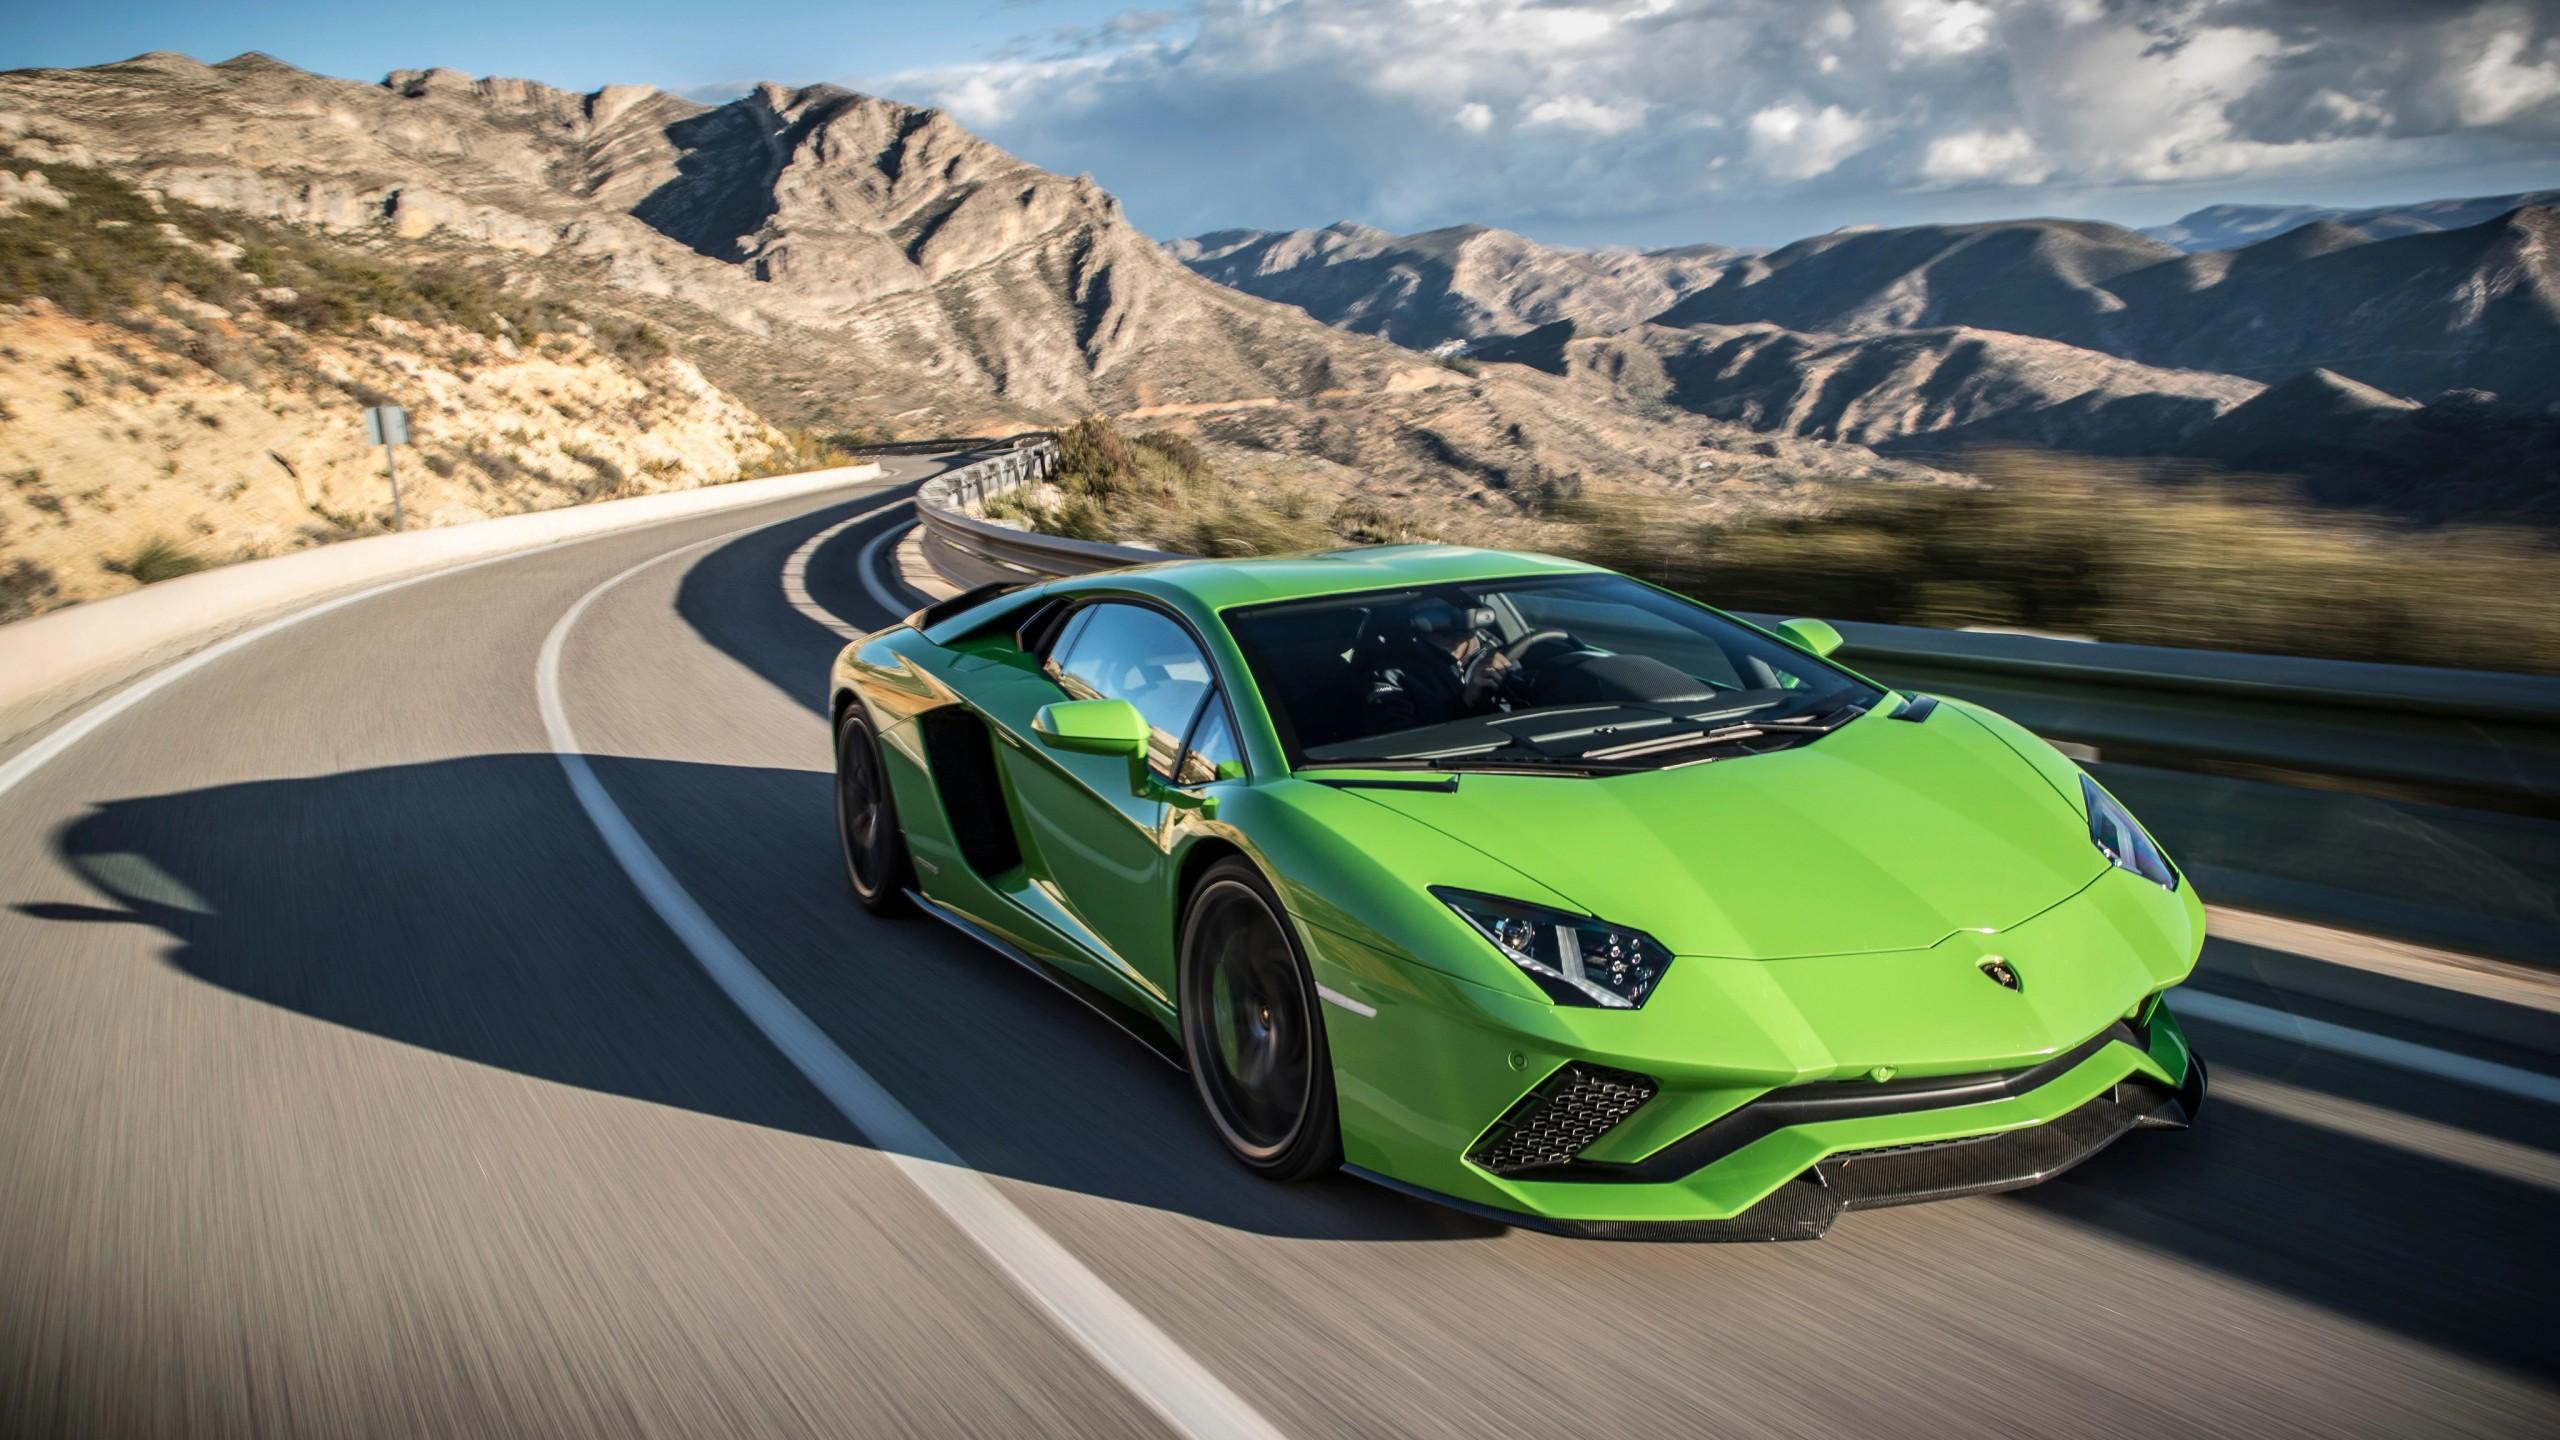 Lamborghini Aventador S 2017 4K Wallpaper | HD Car ...